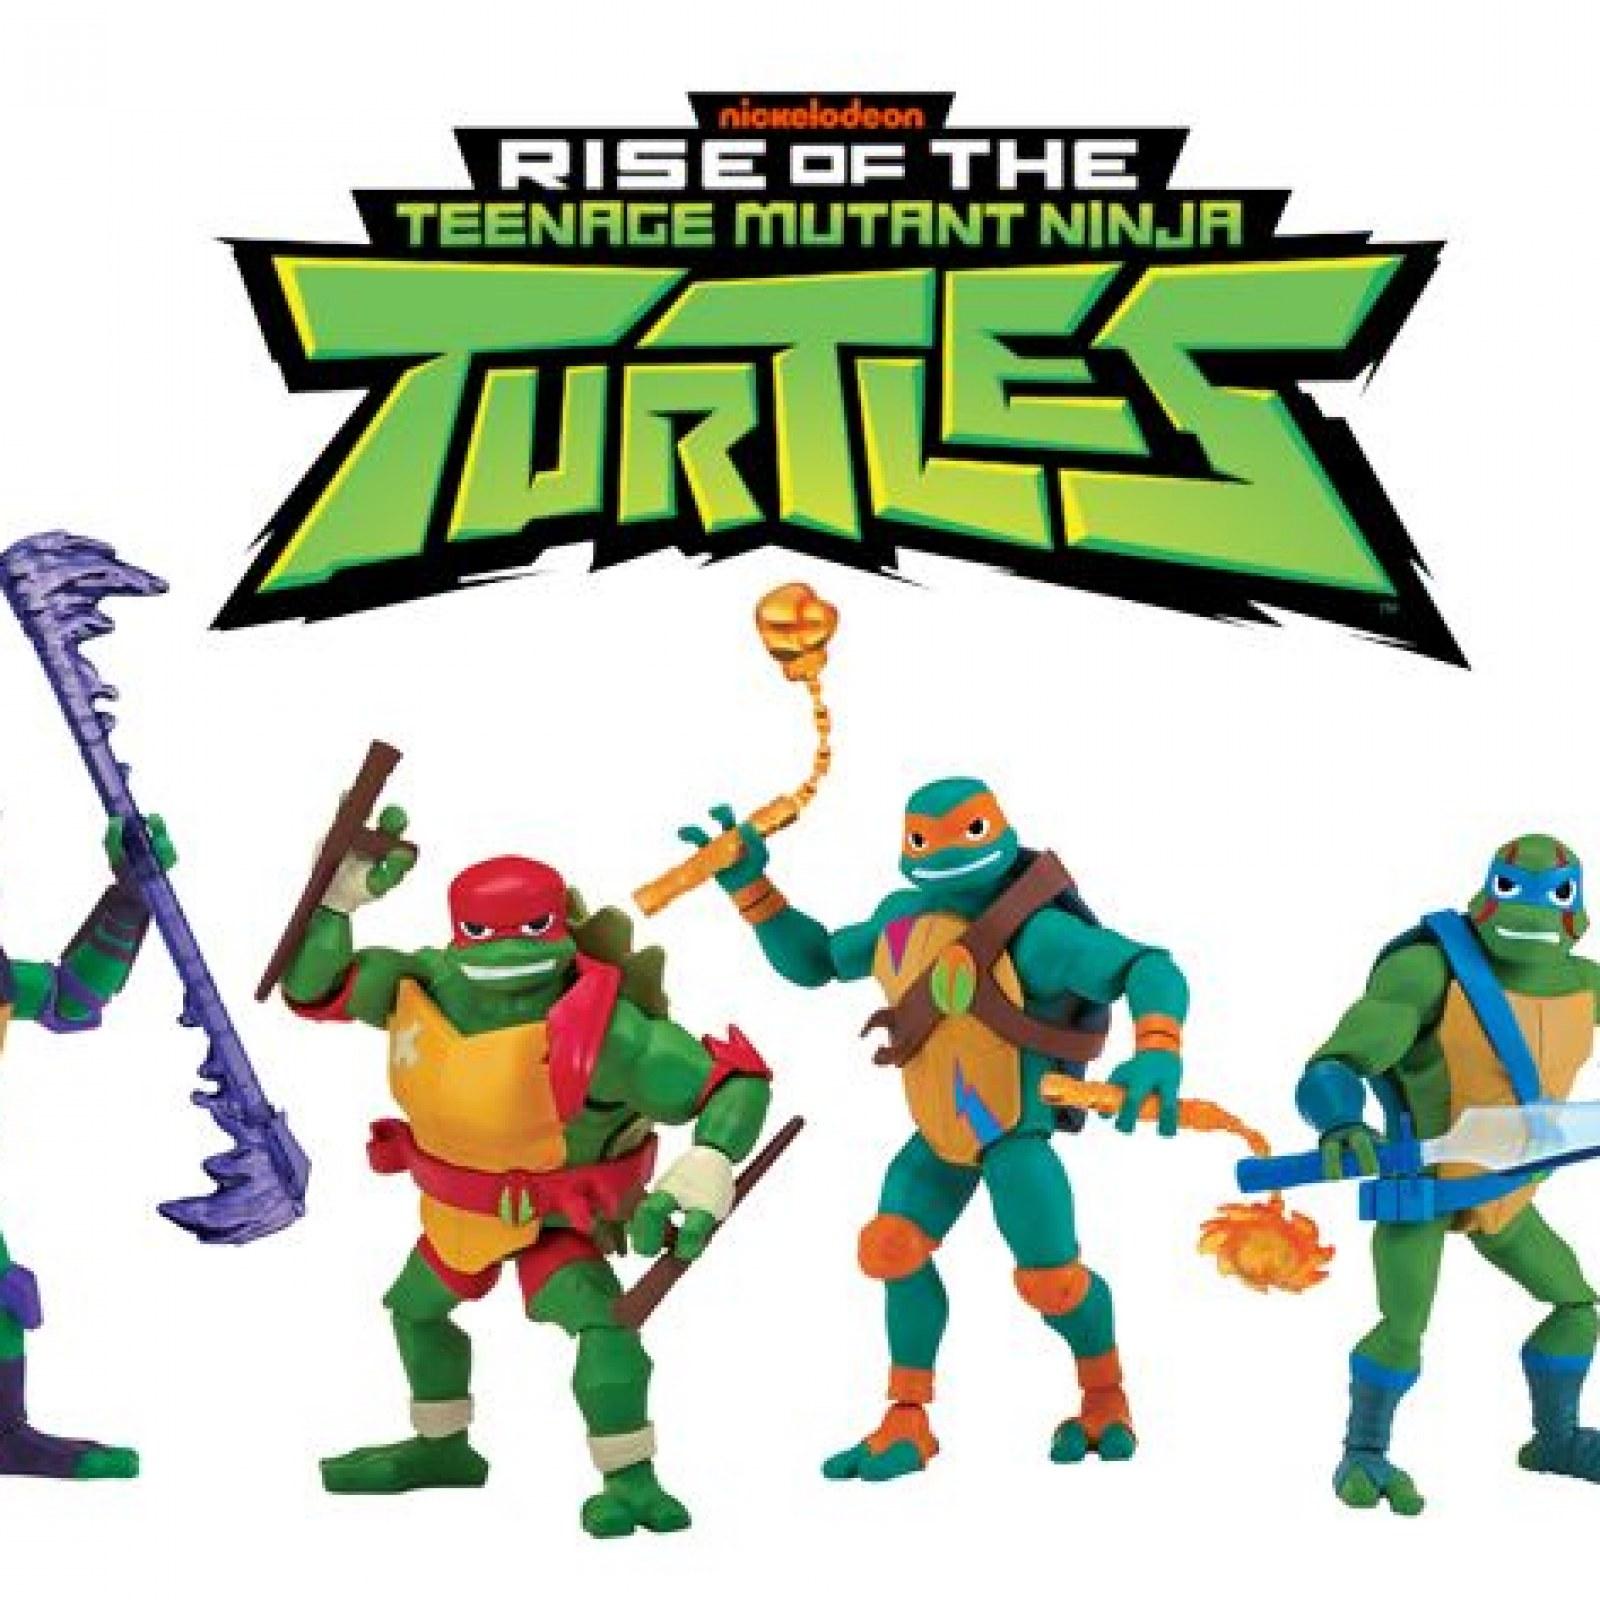 the Teenage Mutant Ninja Turtles Toys ...